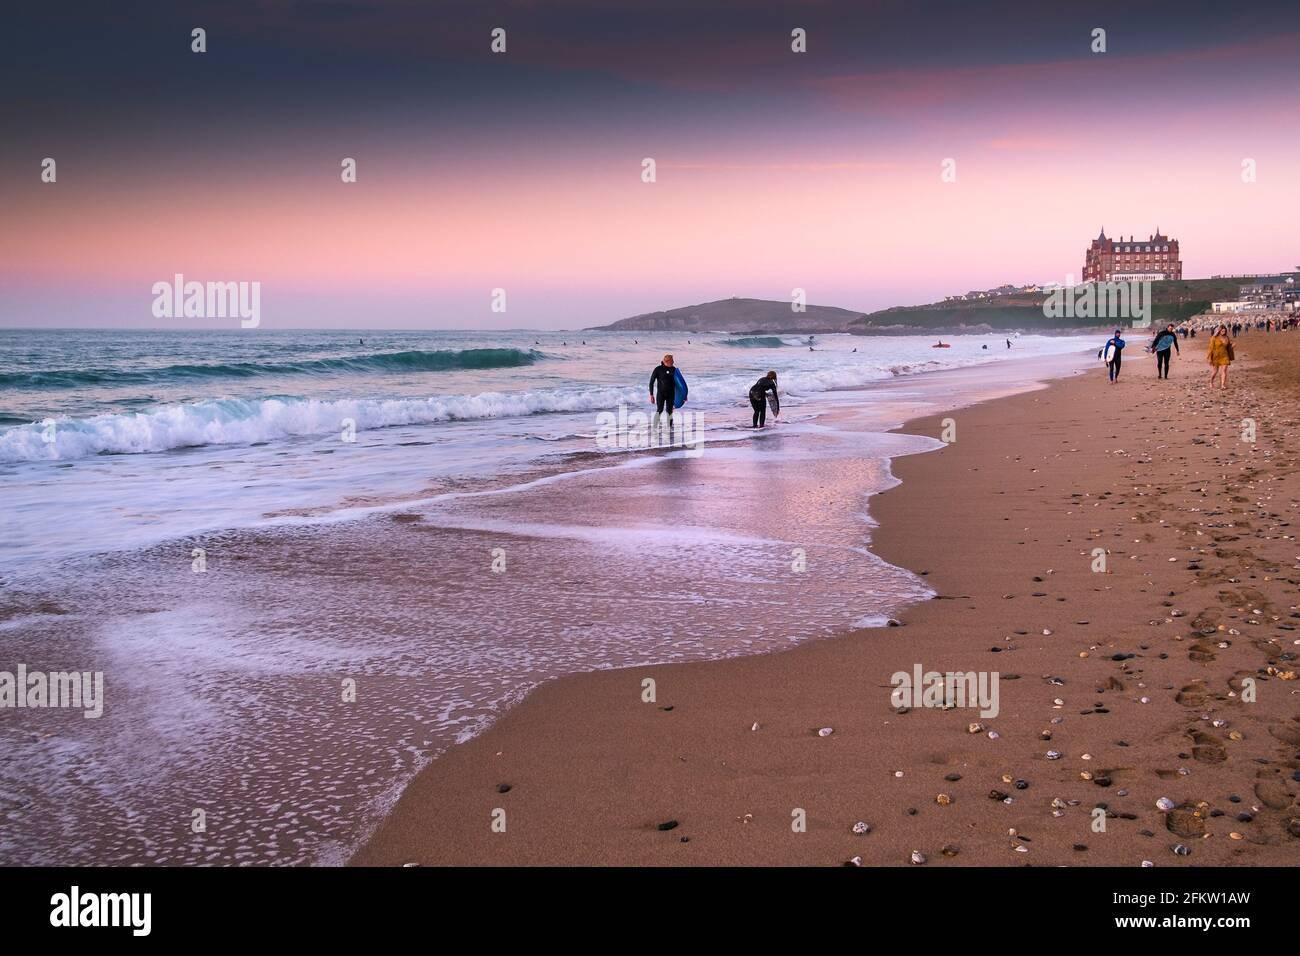 Coucher de soleil sur les surfeurs marchant dans la mer à Fistral Beach à Newquay dans les Cornouailles. Banque D'Images